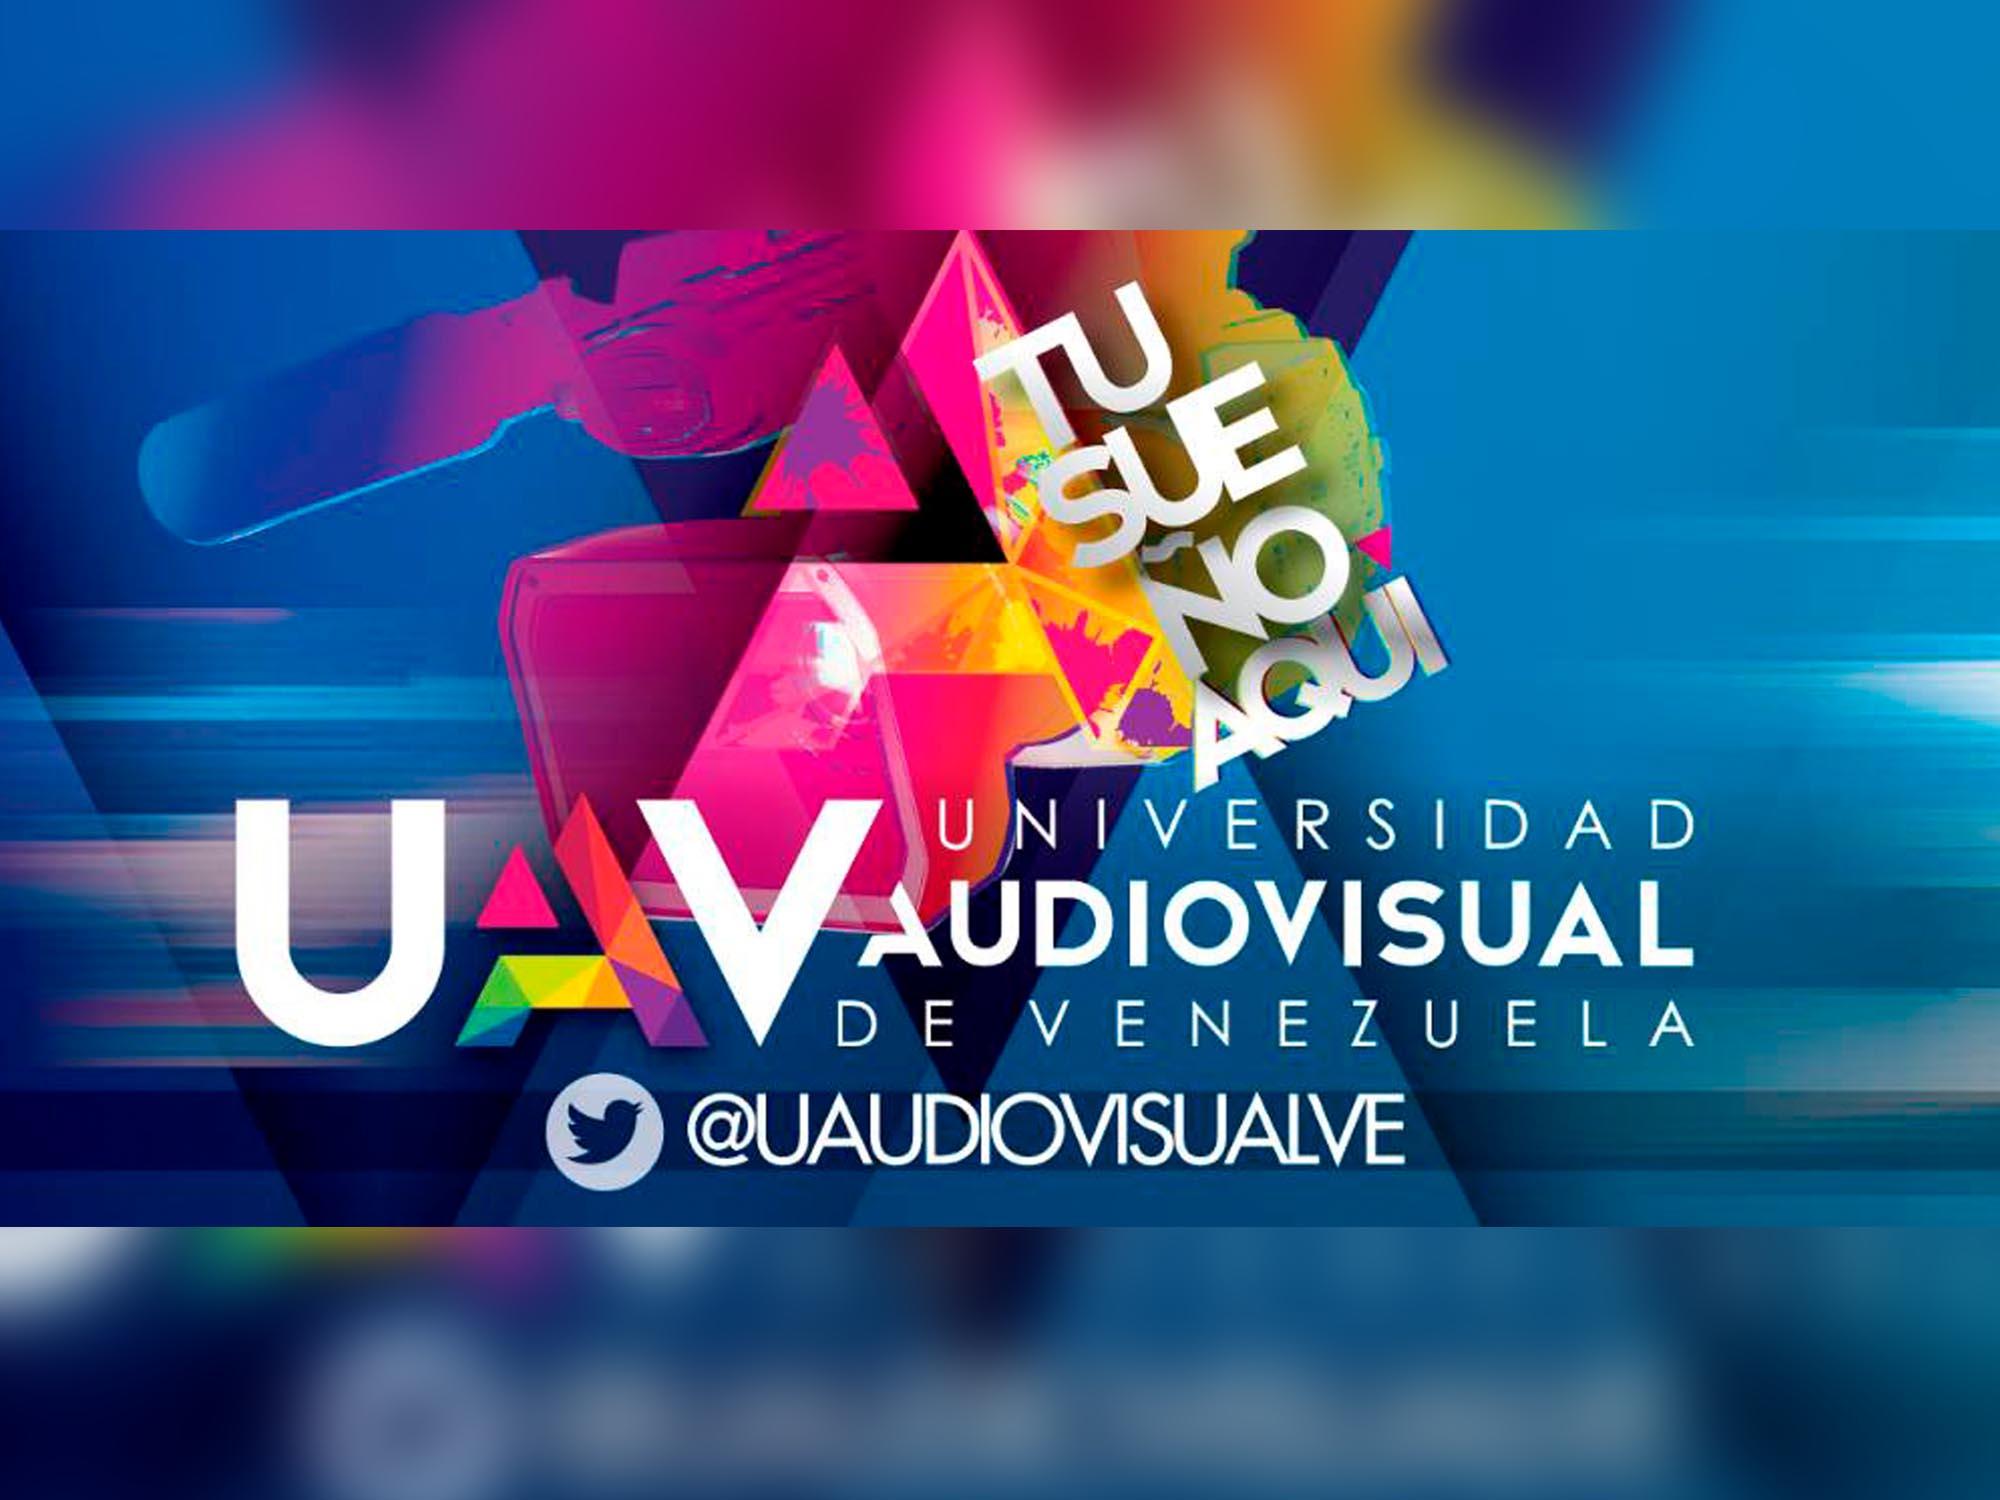 La Universidad Audiovisual de Venezuela nace como una institución especializada, bajo el enfoque de la Misión Alma Mater, cuyas funciones son la formación integral, creación intelectual, socio producción audiovisual y vinculación comunitaria.